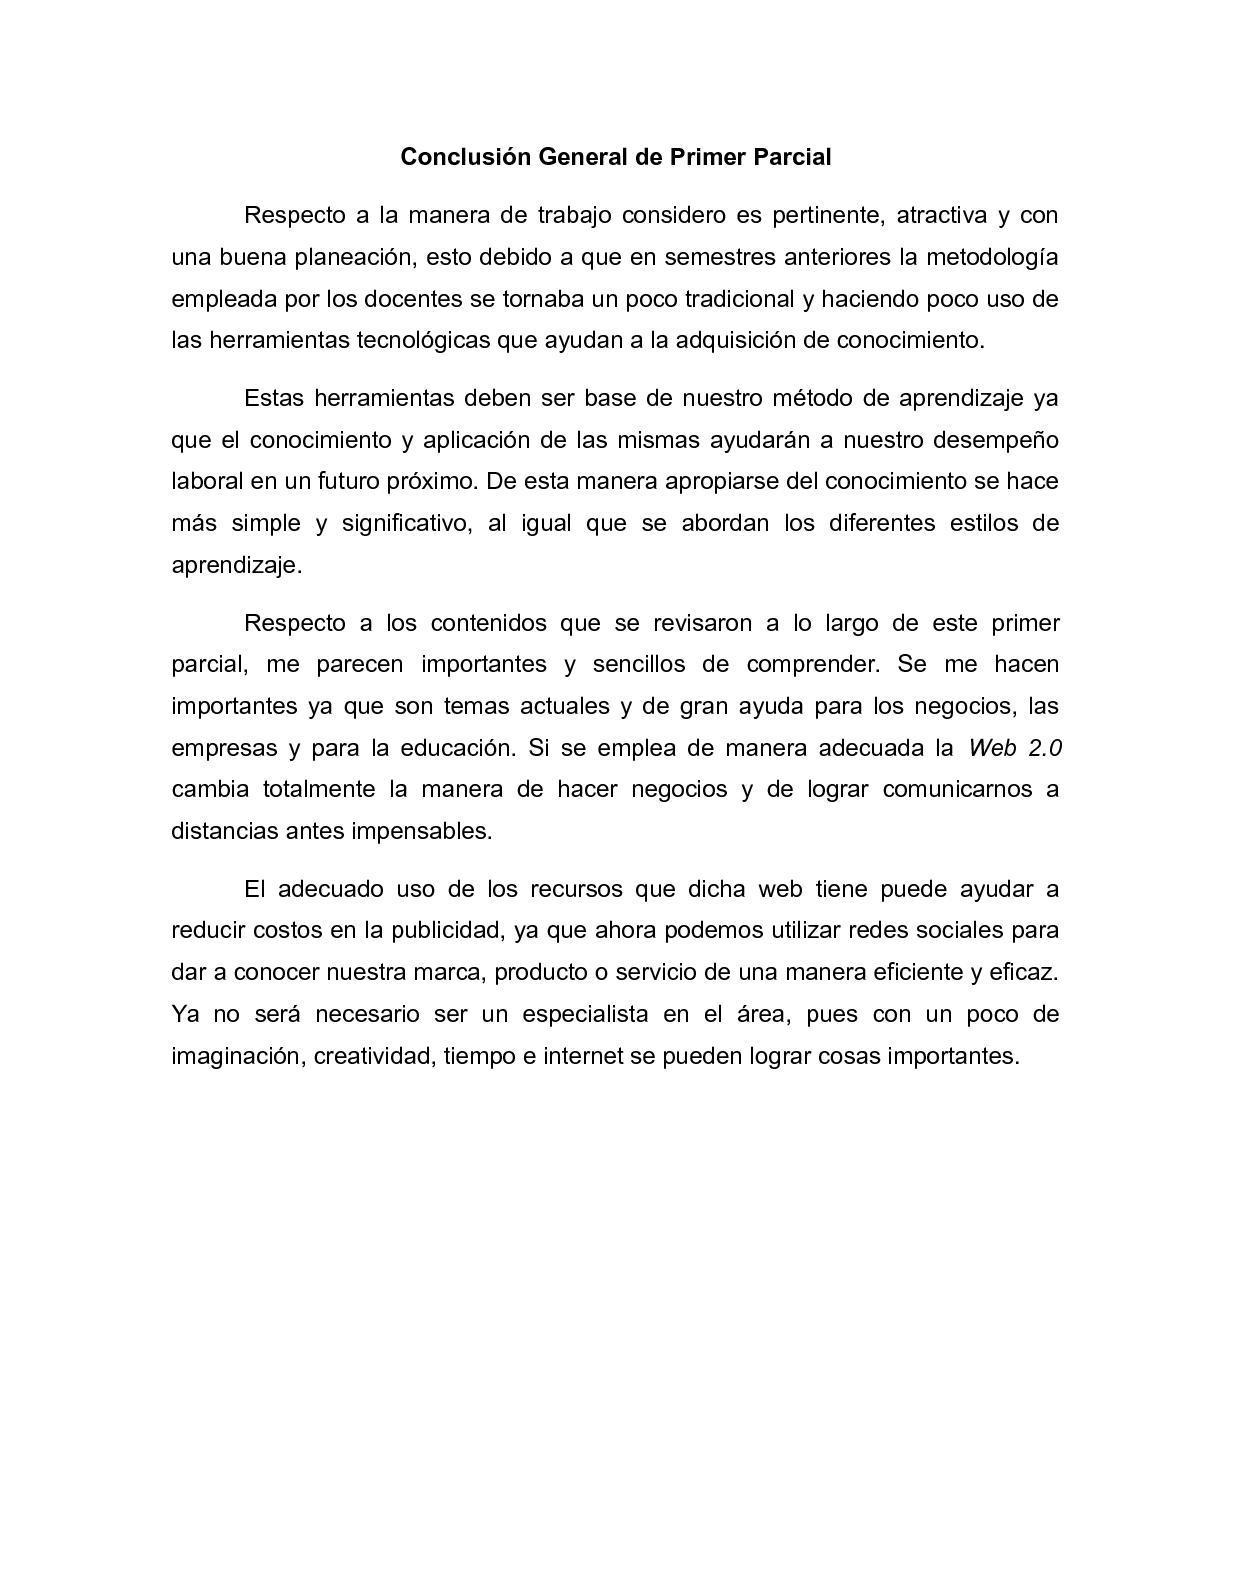 Calaméo Conclusión General De Primer Parcial Marco Garcia